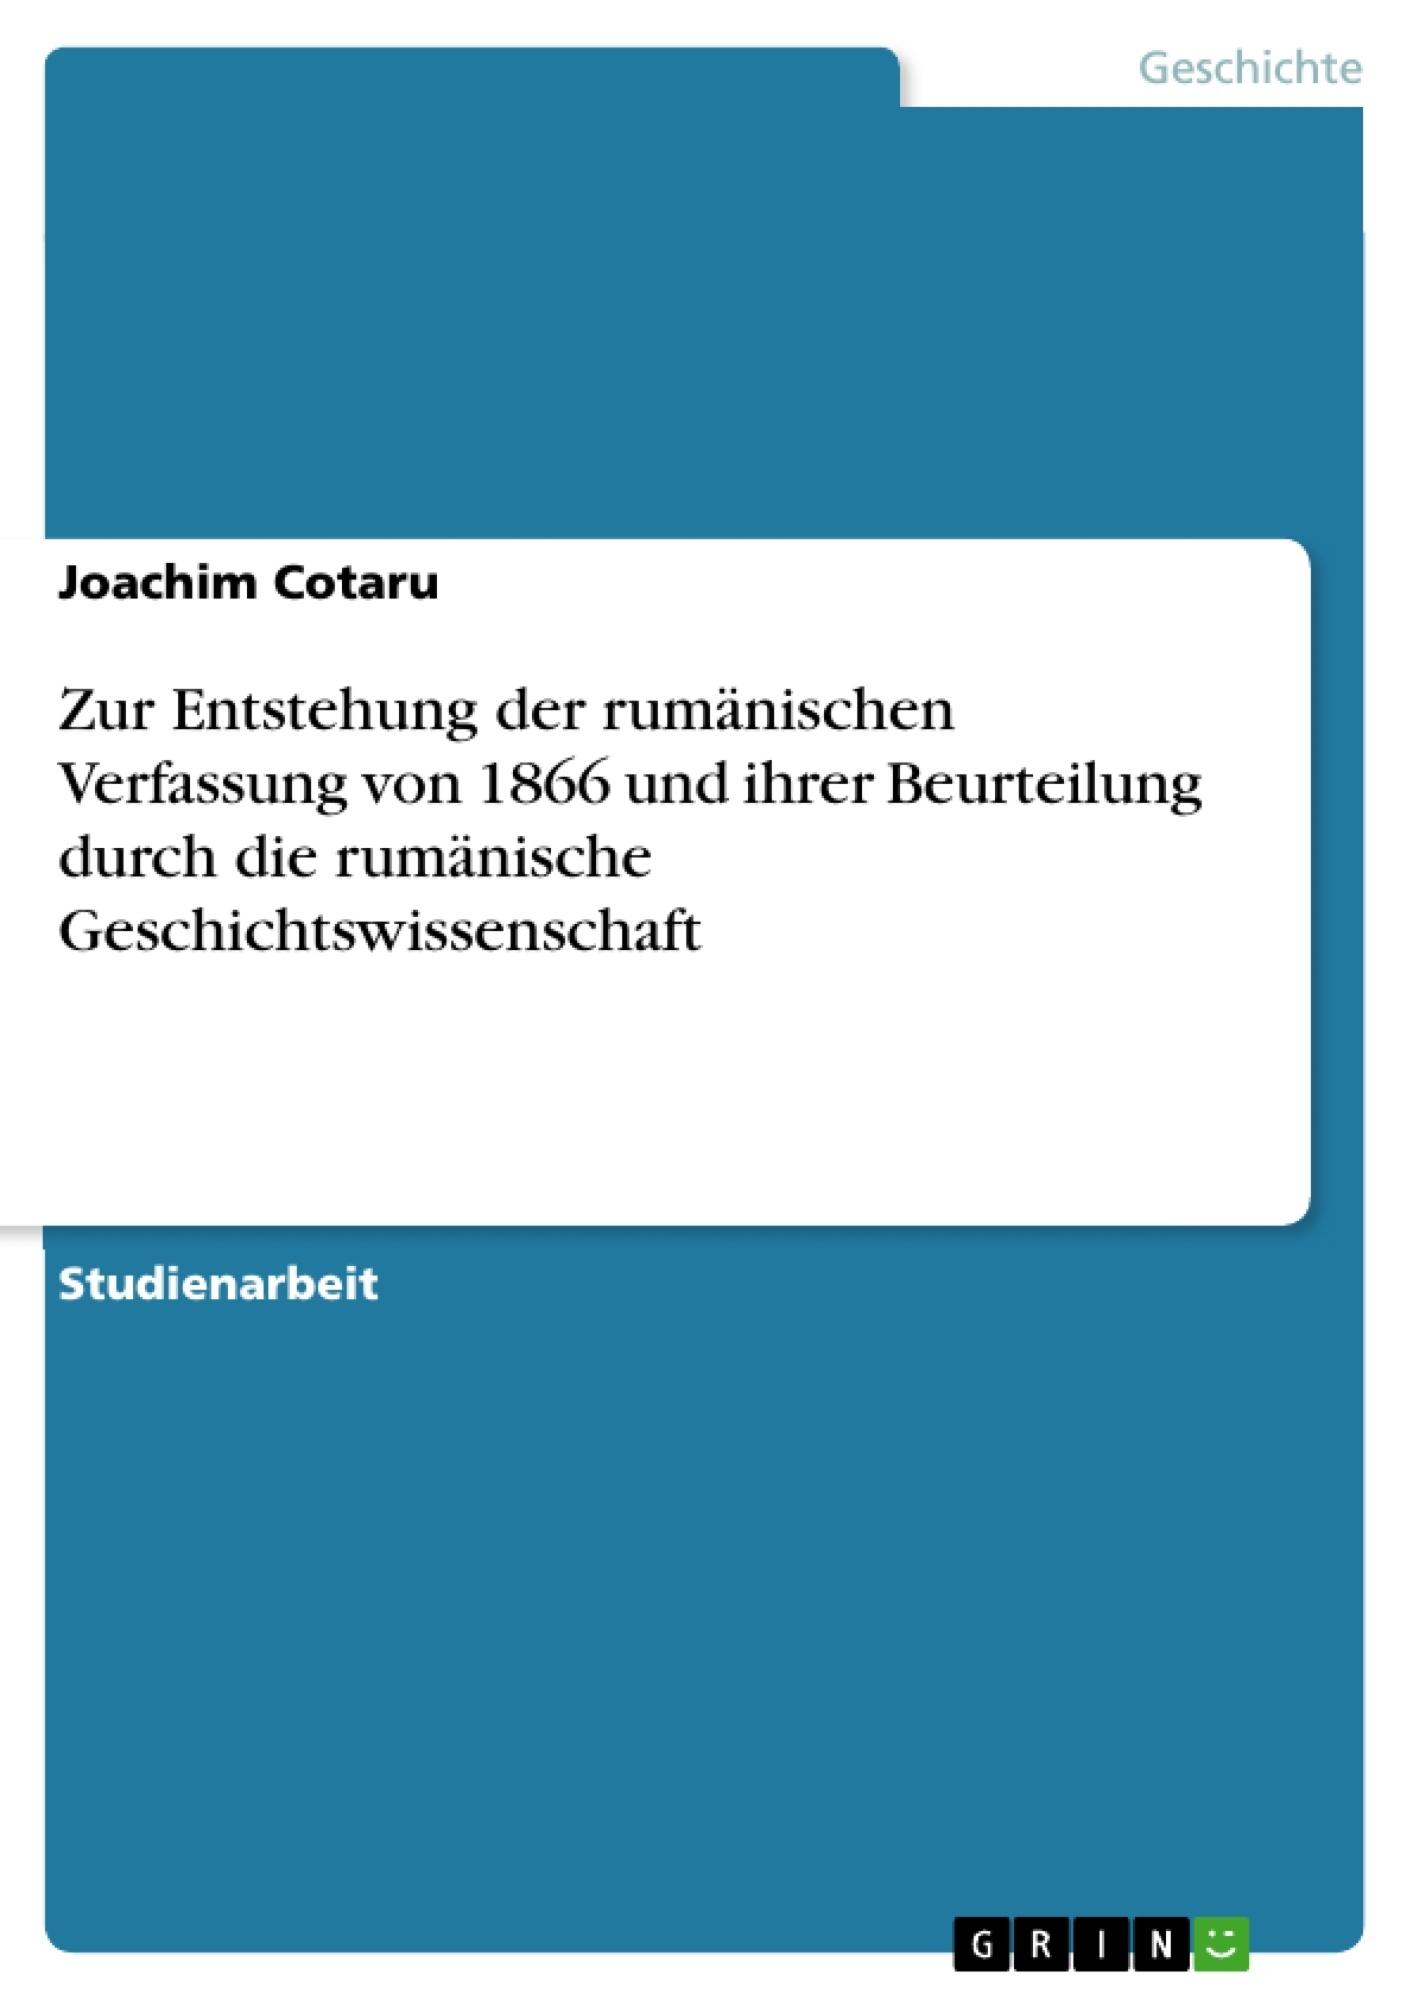 Titel: Zur Entstehung der rumänischen Verfassung von 1866  und ihrer Beurteilung durch die rumänische Geschichtswissenschaft